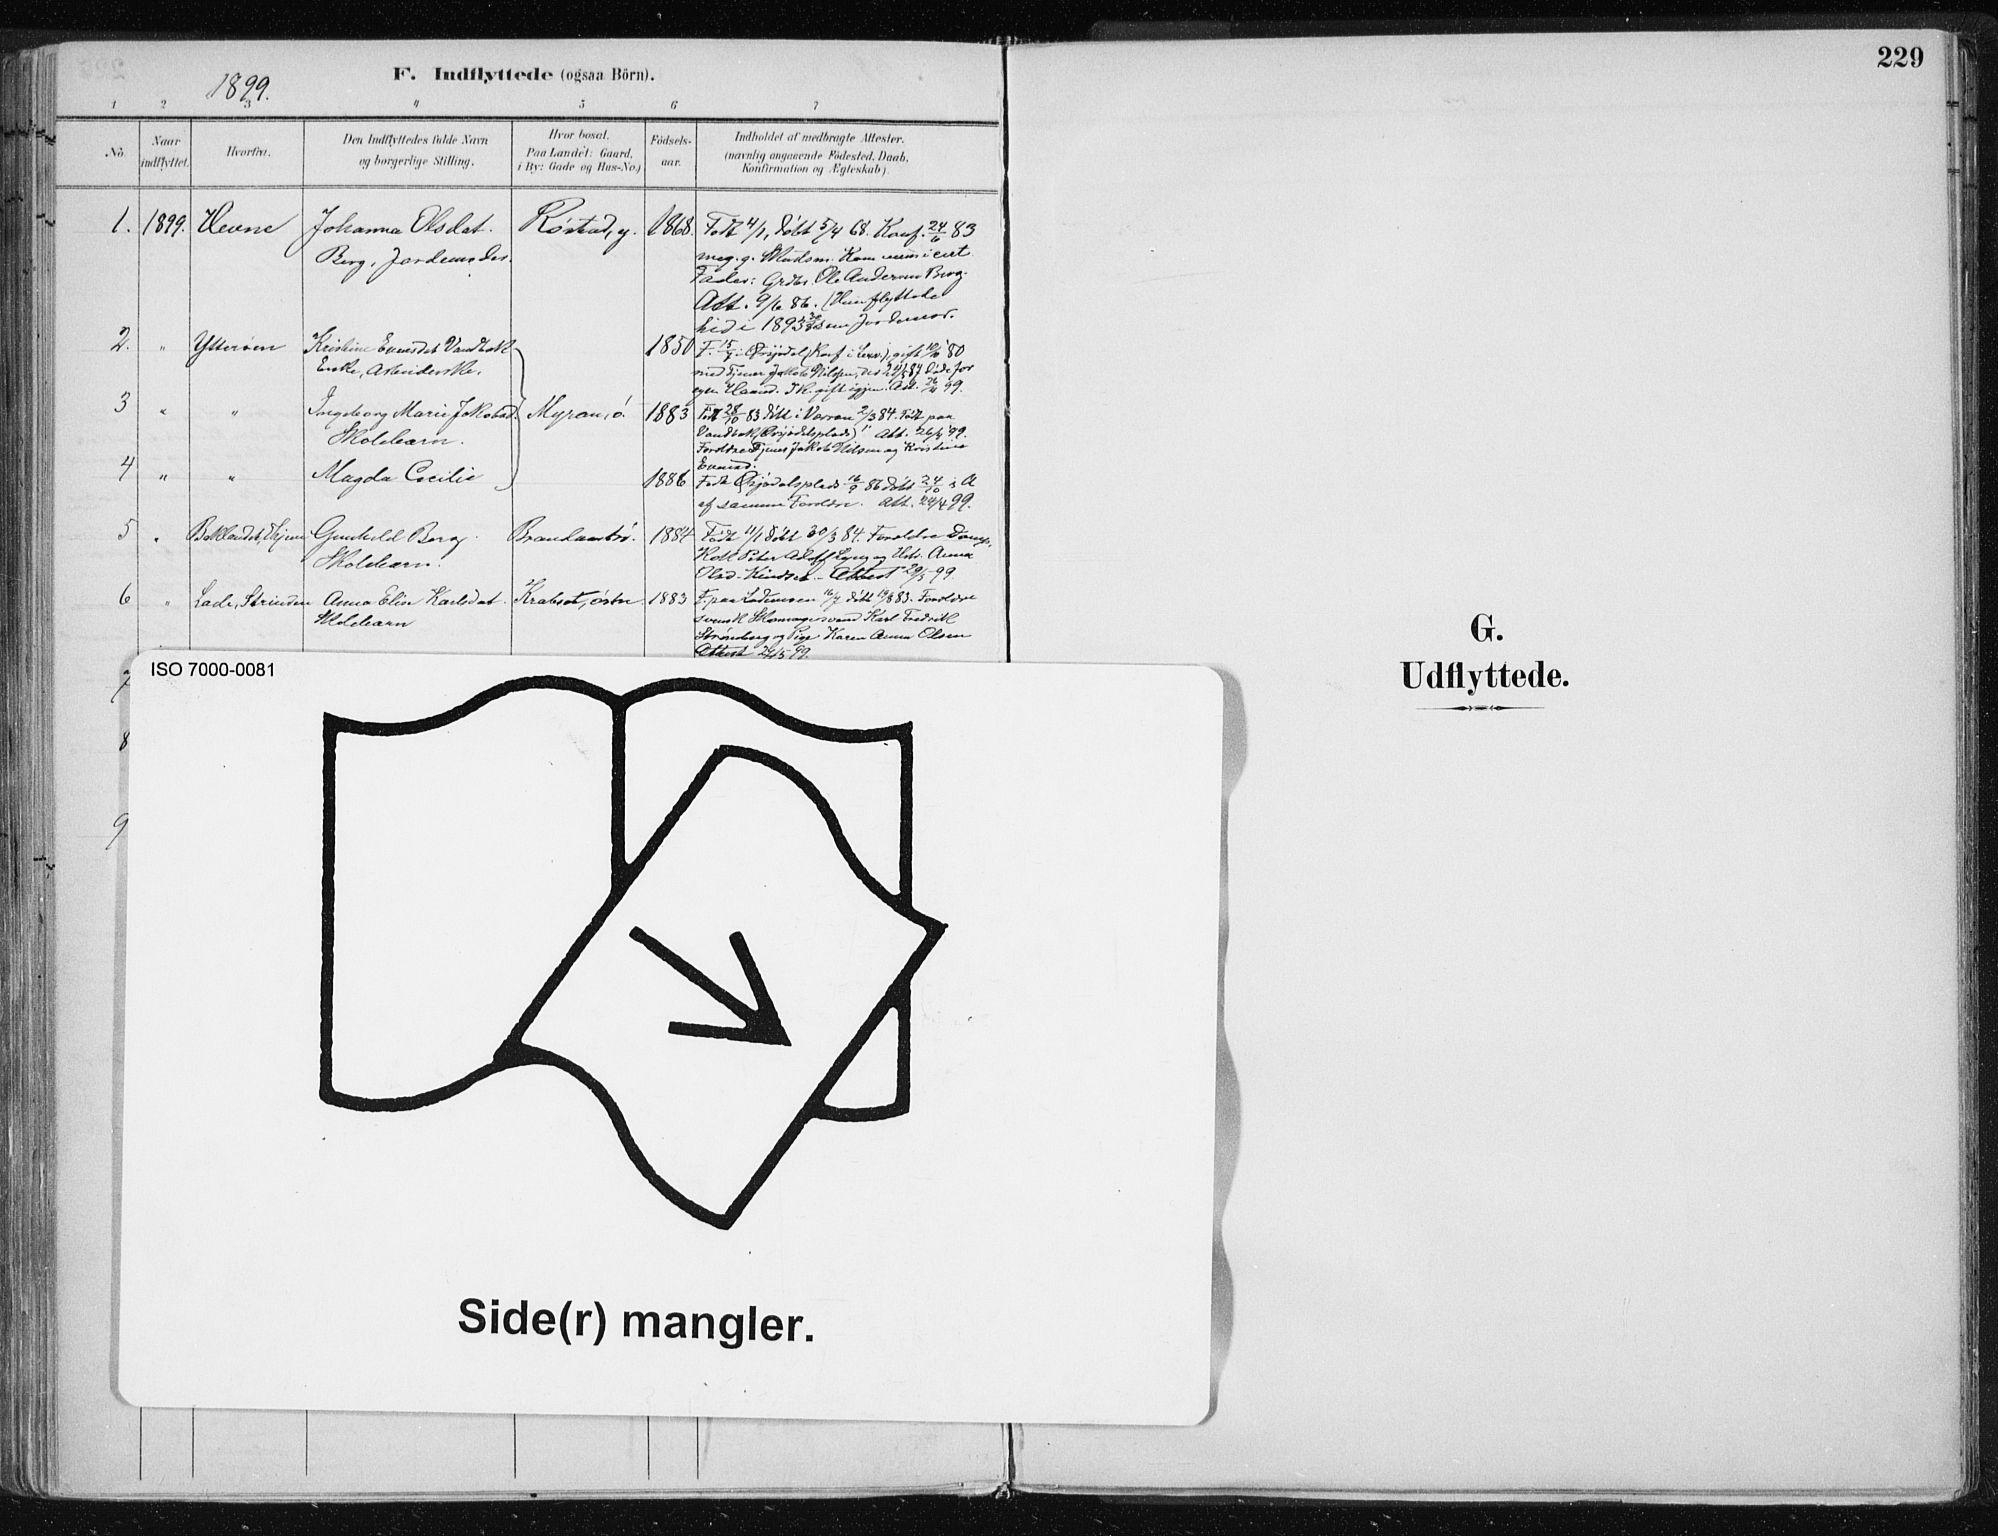 SAT, Ministerialprotokoller, klokkerbøker og fødselsregistre - Nord-Trøndelag, 701/L0010: Parish register (official) no. 701A10, 1883-1899, p. 229